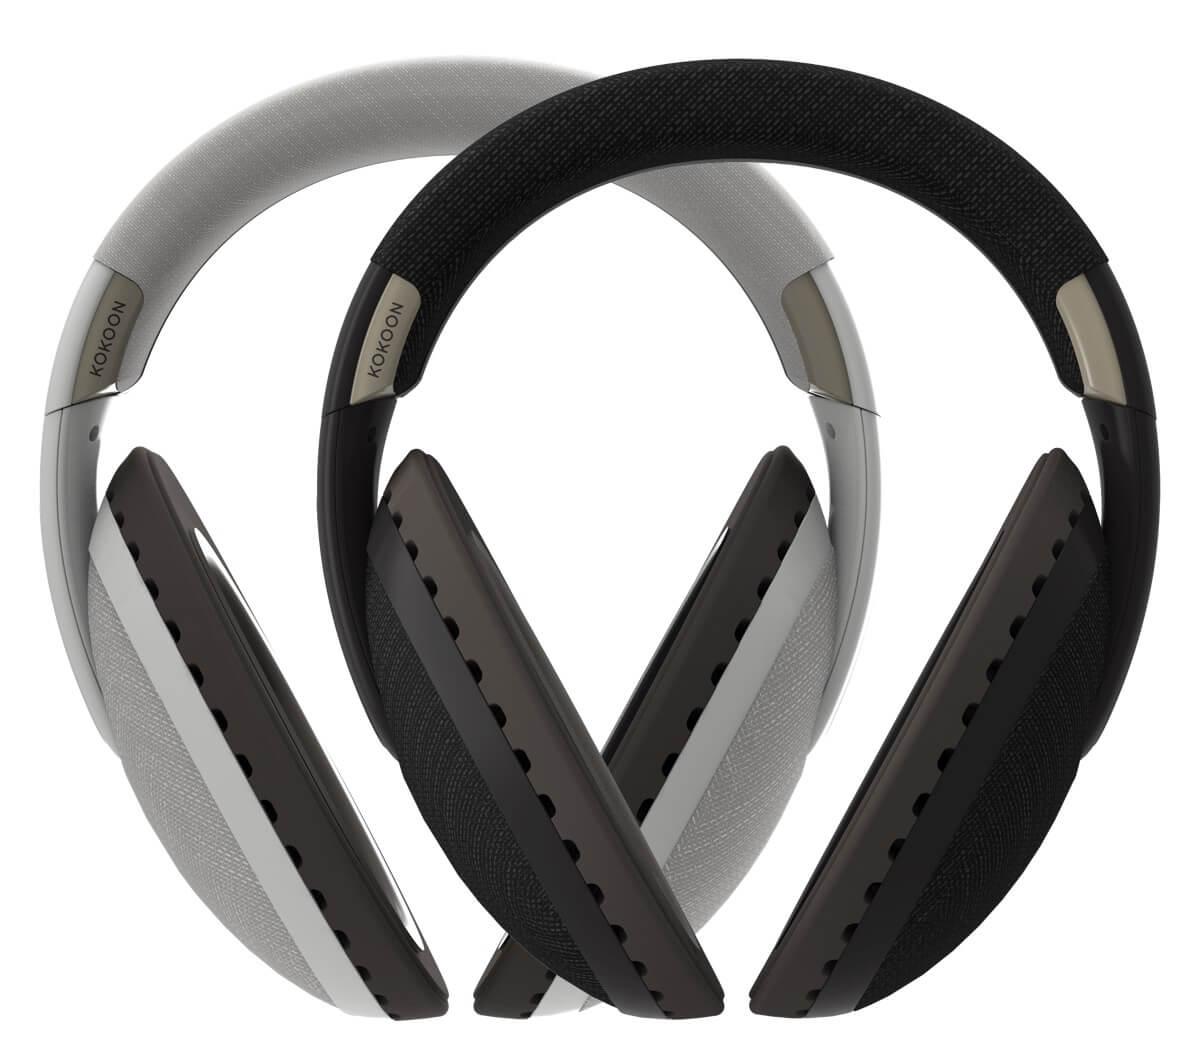 7781006c46 Best Headphones For Sleeping In 2019 - bestwaterproofspeaker.com